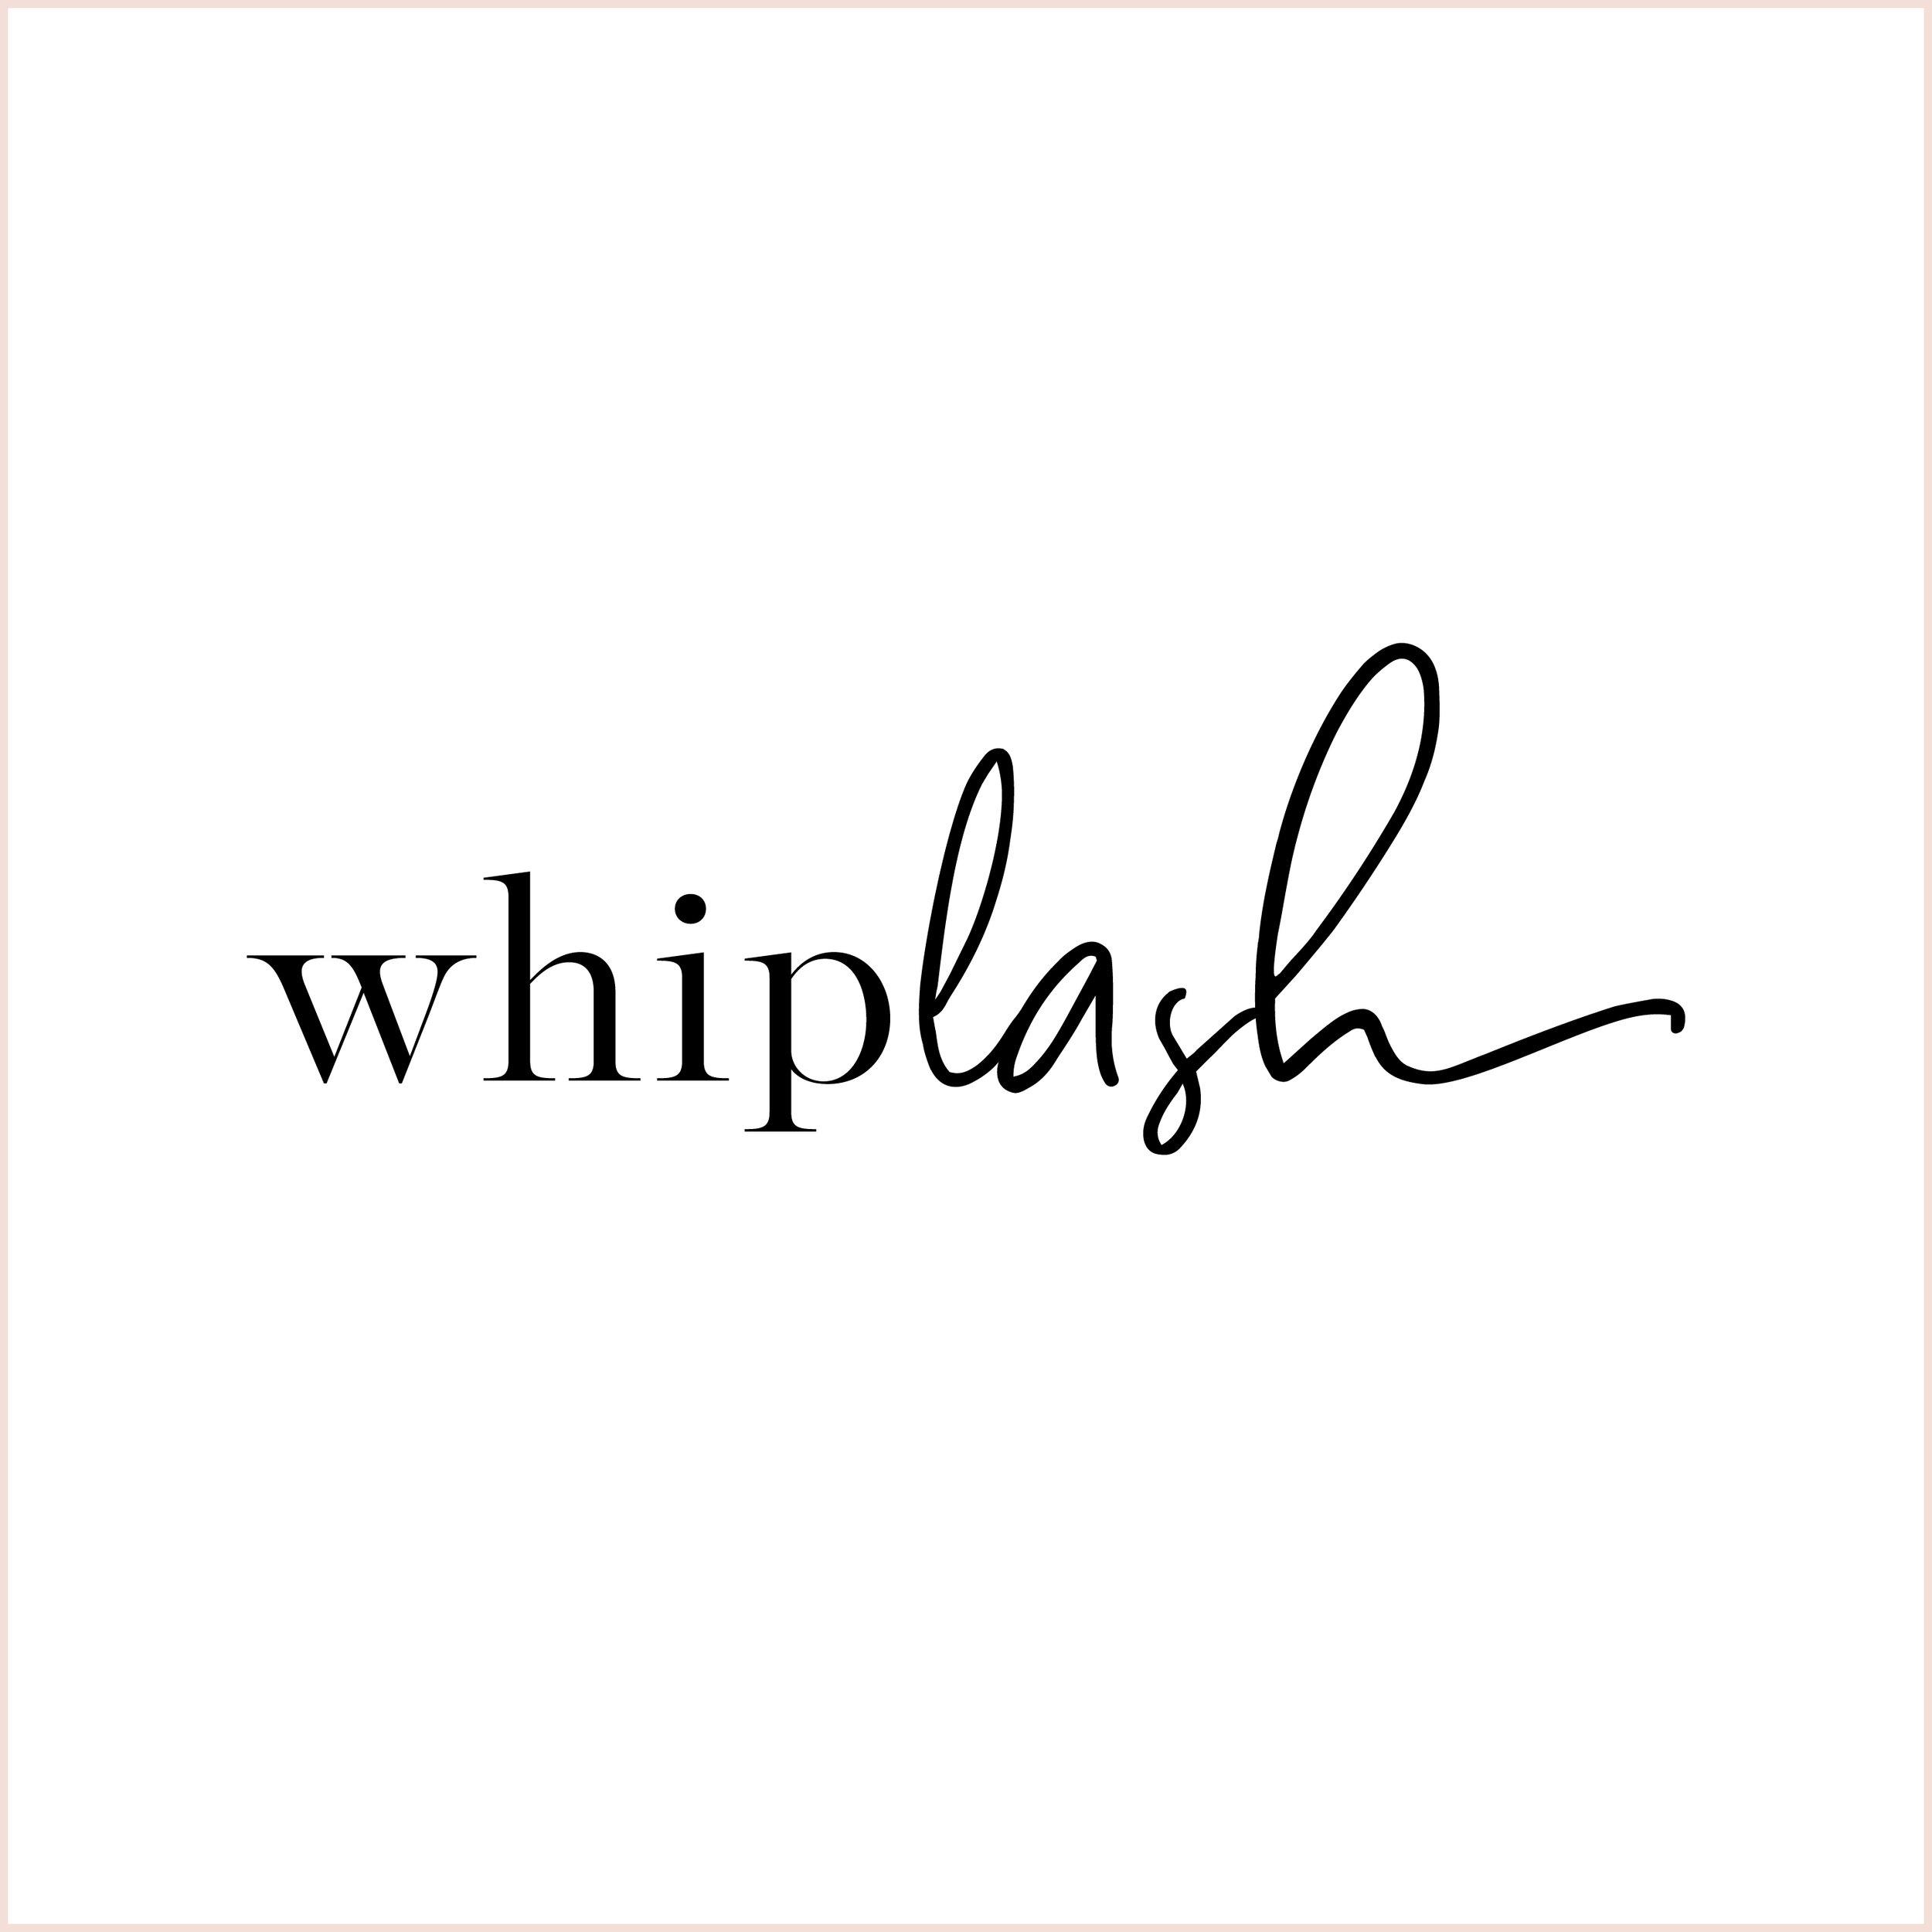 15-whiplash.jpg